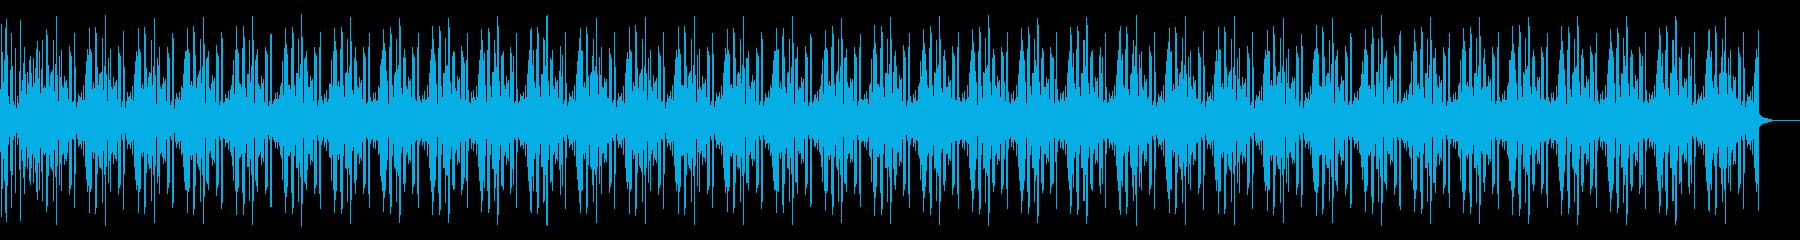 【長尺】水中の音の再生済みの波形